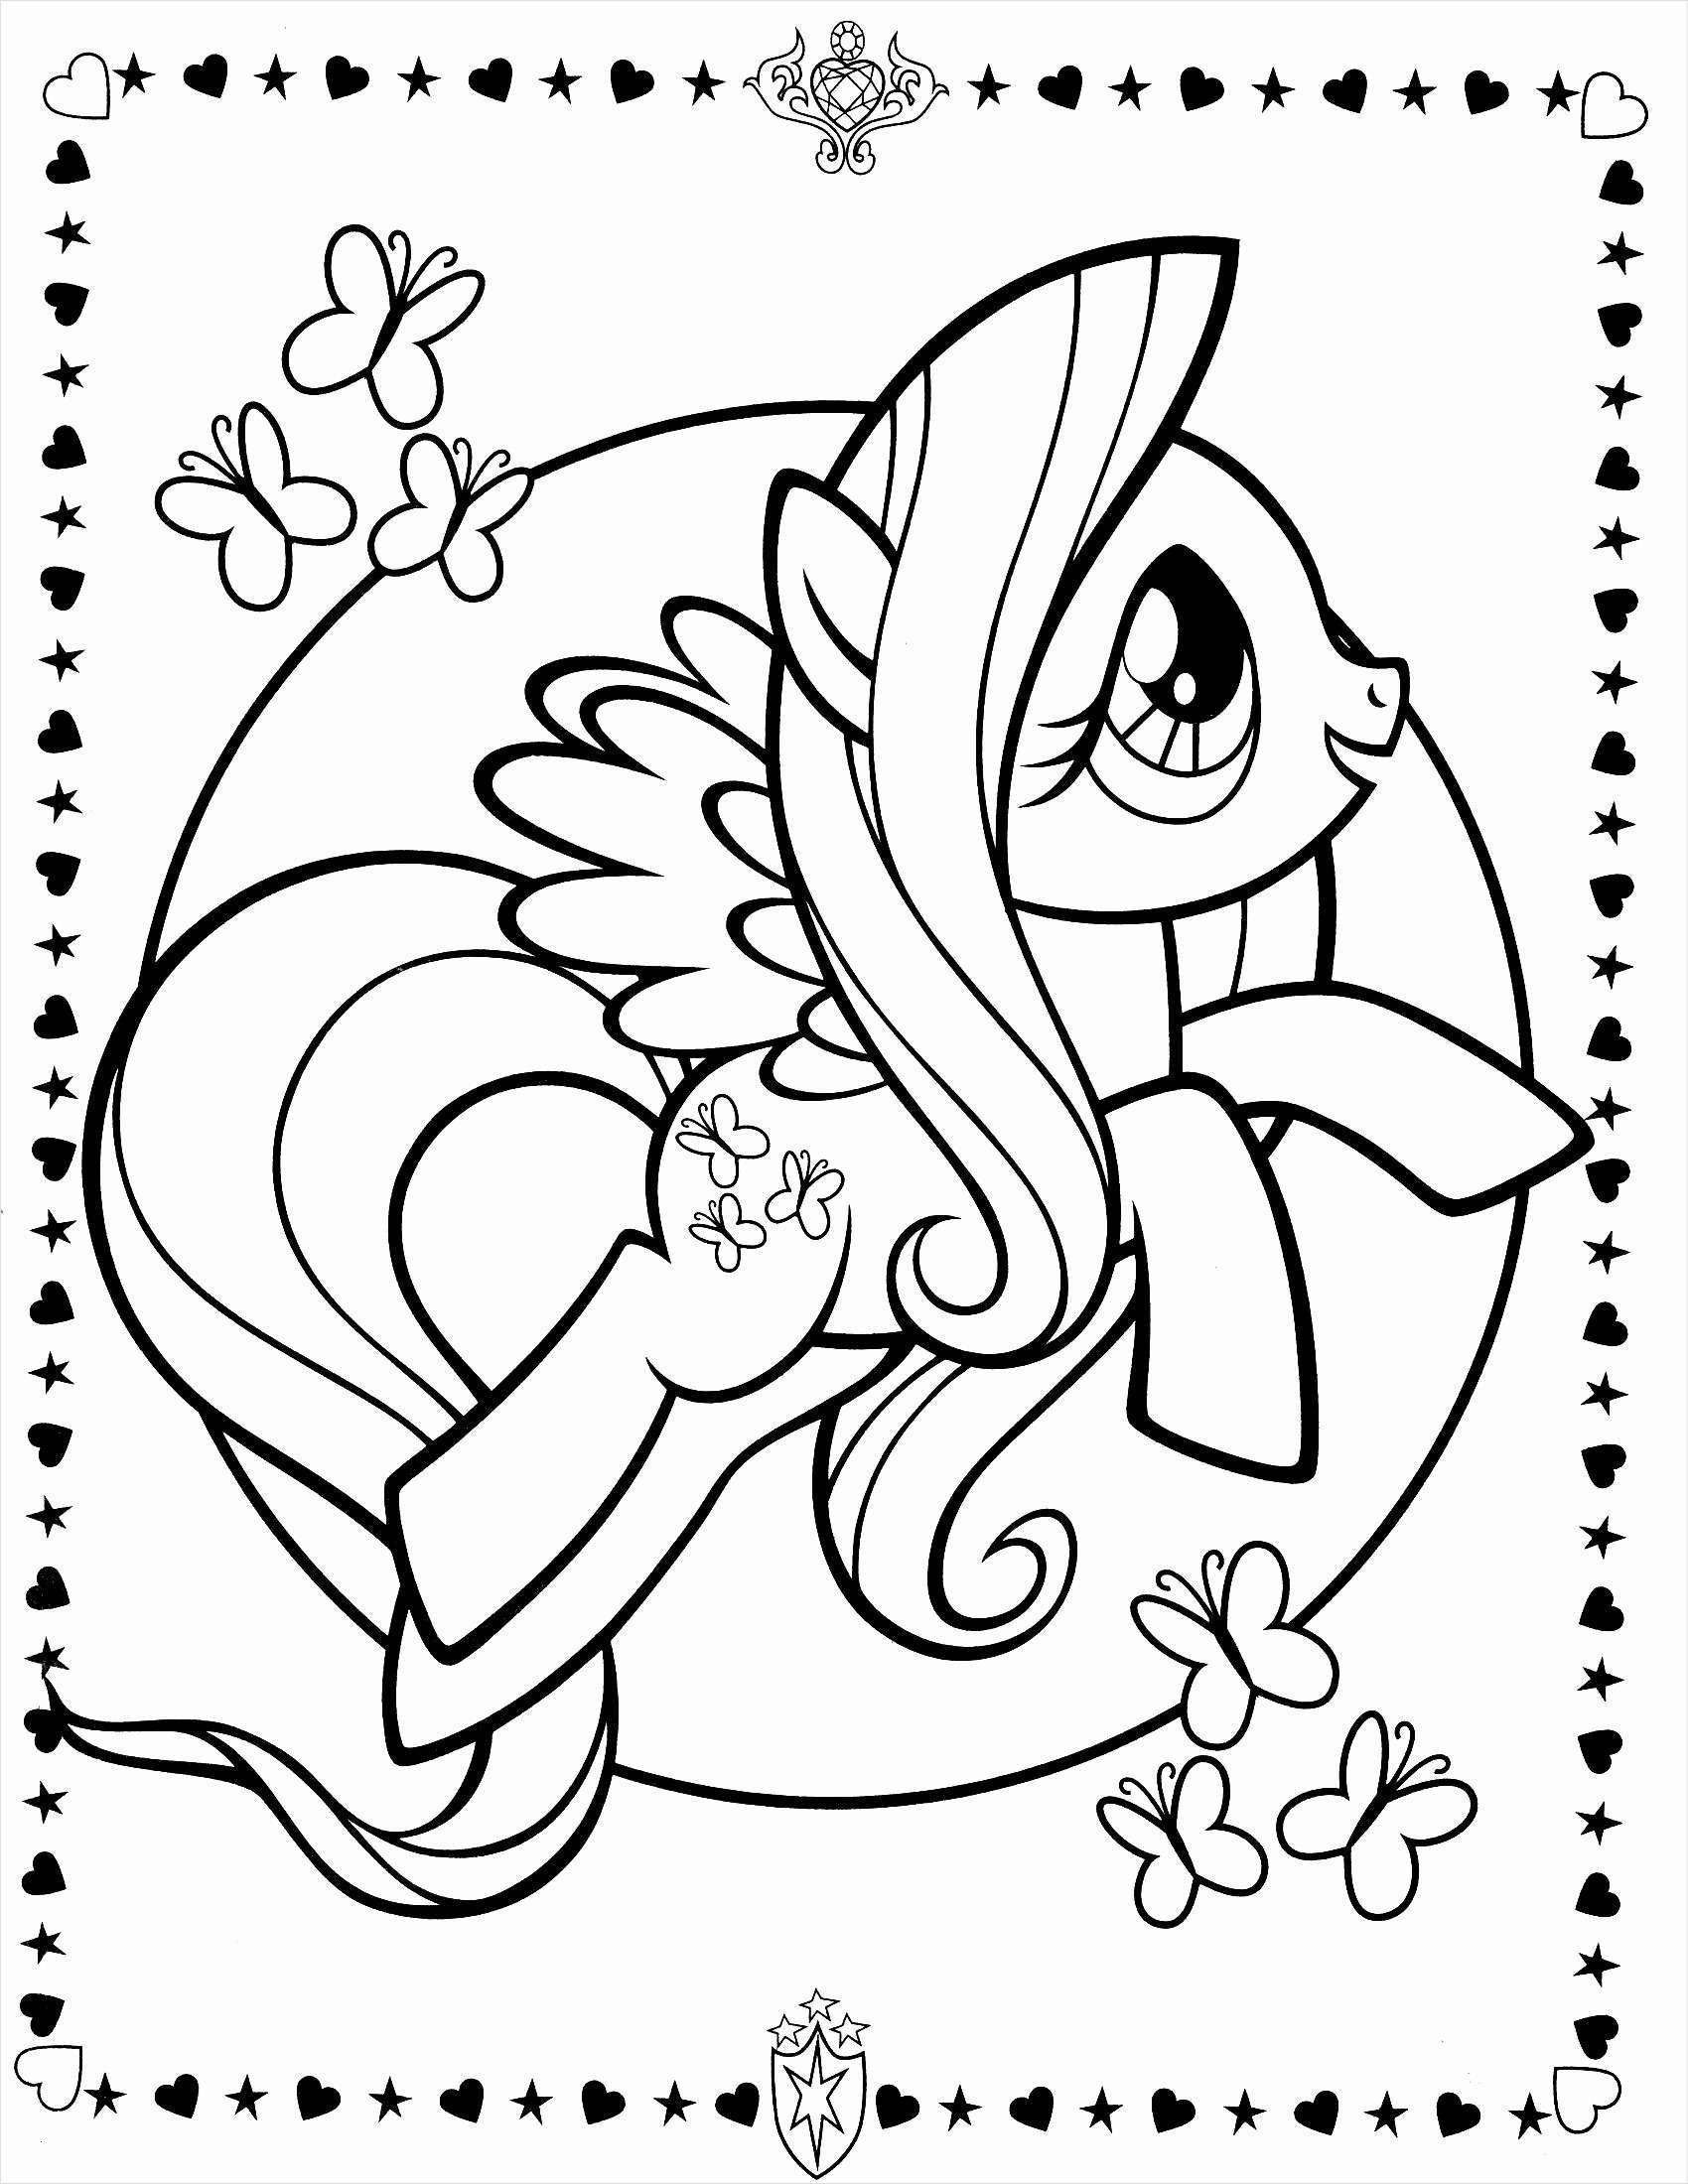 Ausmalbilder My Little Pony Equestria Girl Einzigartig 35 Schön My Little Pony Malvorlagen Mickeycarrollmunchkin Galerie